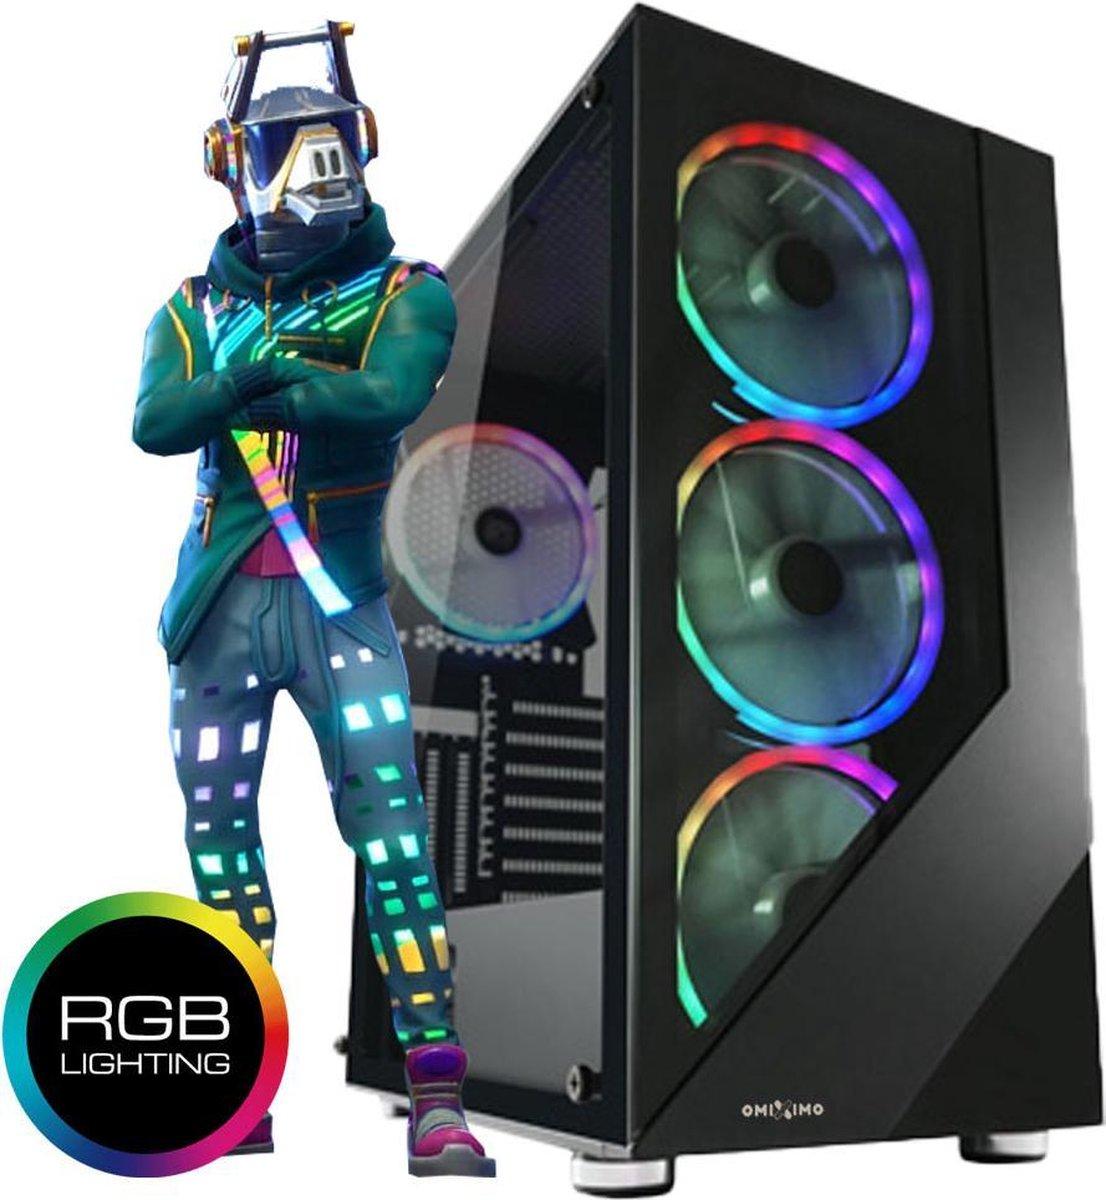 omiXimo | Game PC - AMD Ryzen 5 - GTX1650 Videokaart - 8 GB ram - 240 GB SSD | Geschikt voor: Fortnite, Minecraft, Sims 4 en League of Legends